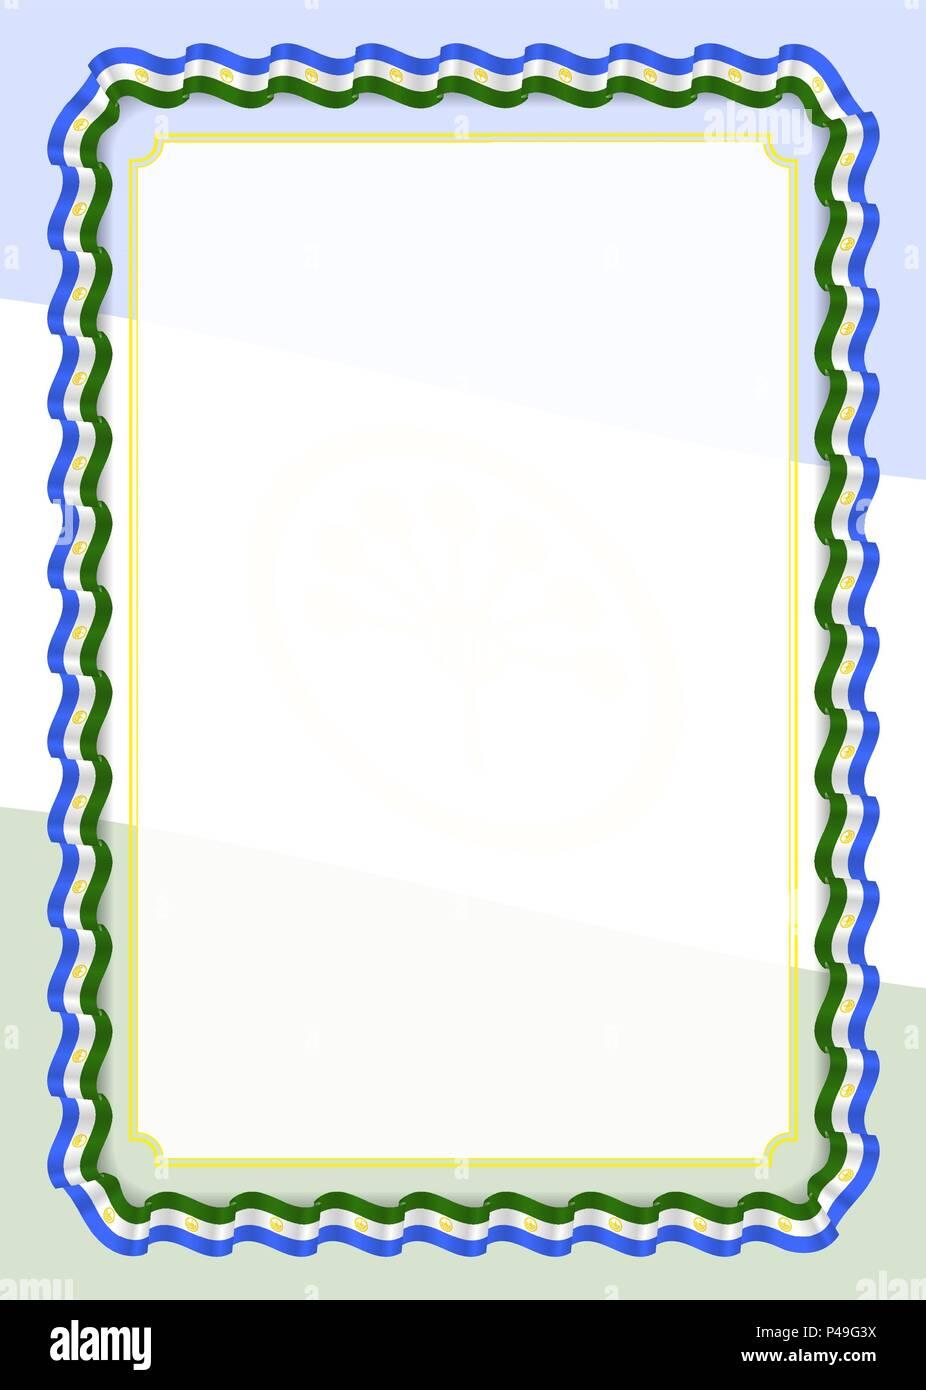 Beste Rahmen Für 11x14 Diplom Bilder - Benutzerdefinierte ...